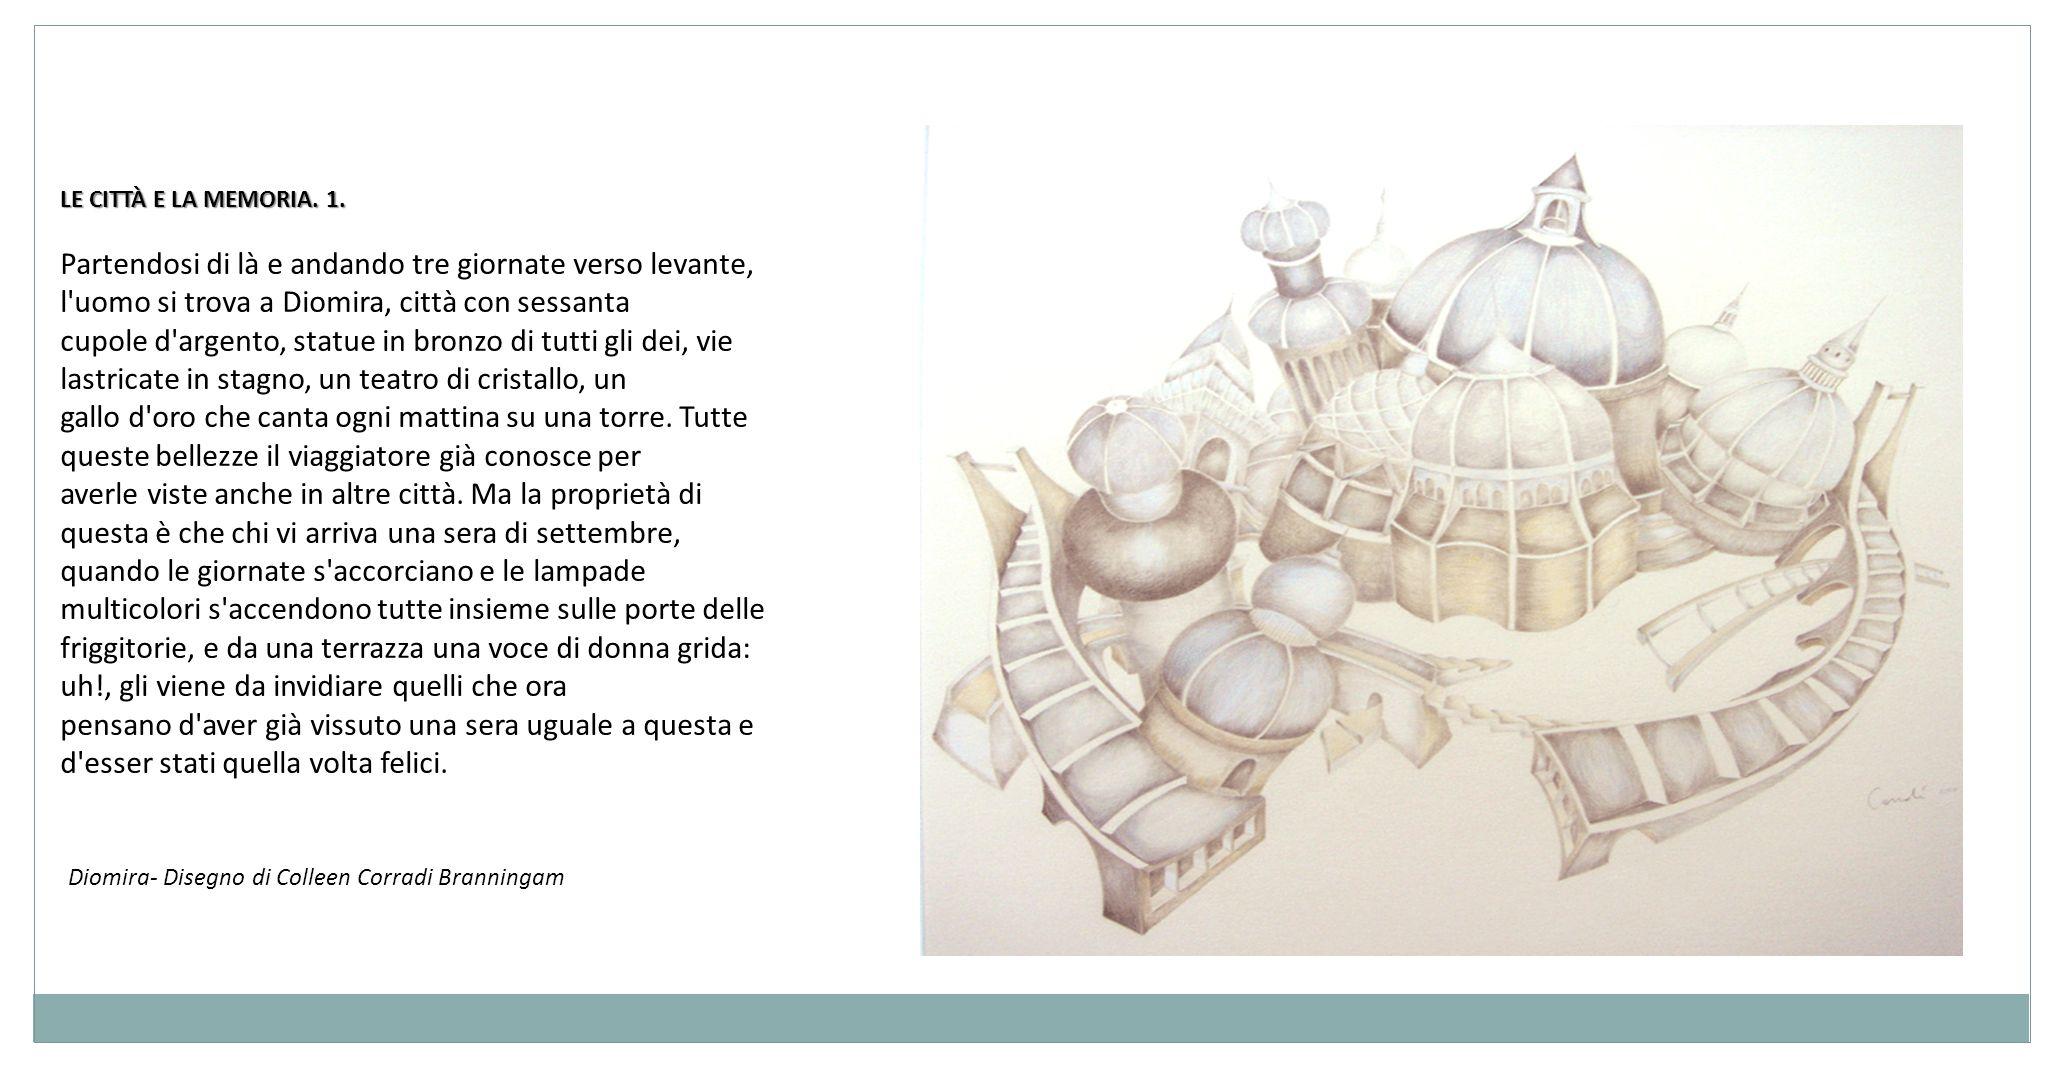 Lo colore e la luce sono propriamente… Quale discorso su la forma visibile e la sostanza, Dante ci lascia in questa citazione che ritroviamo nella stazione della Metropolitana di P.zza Dante.